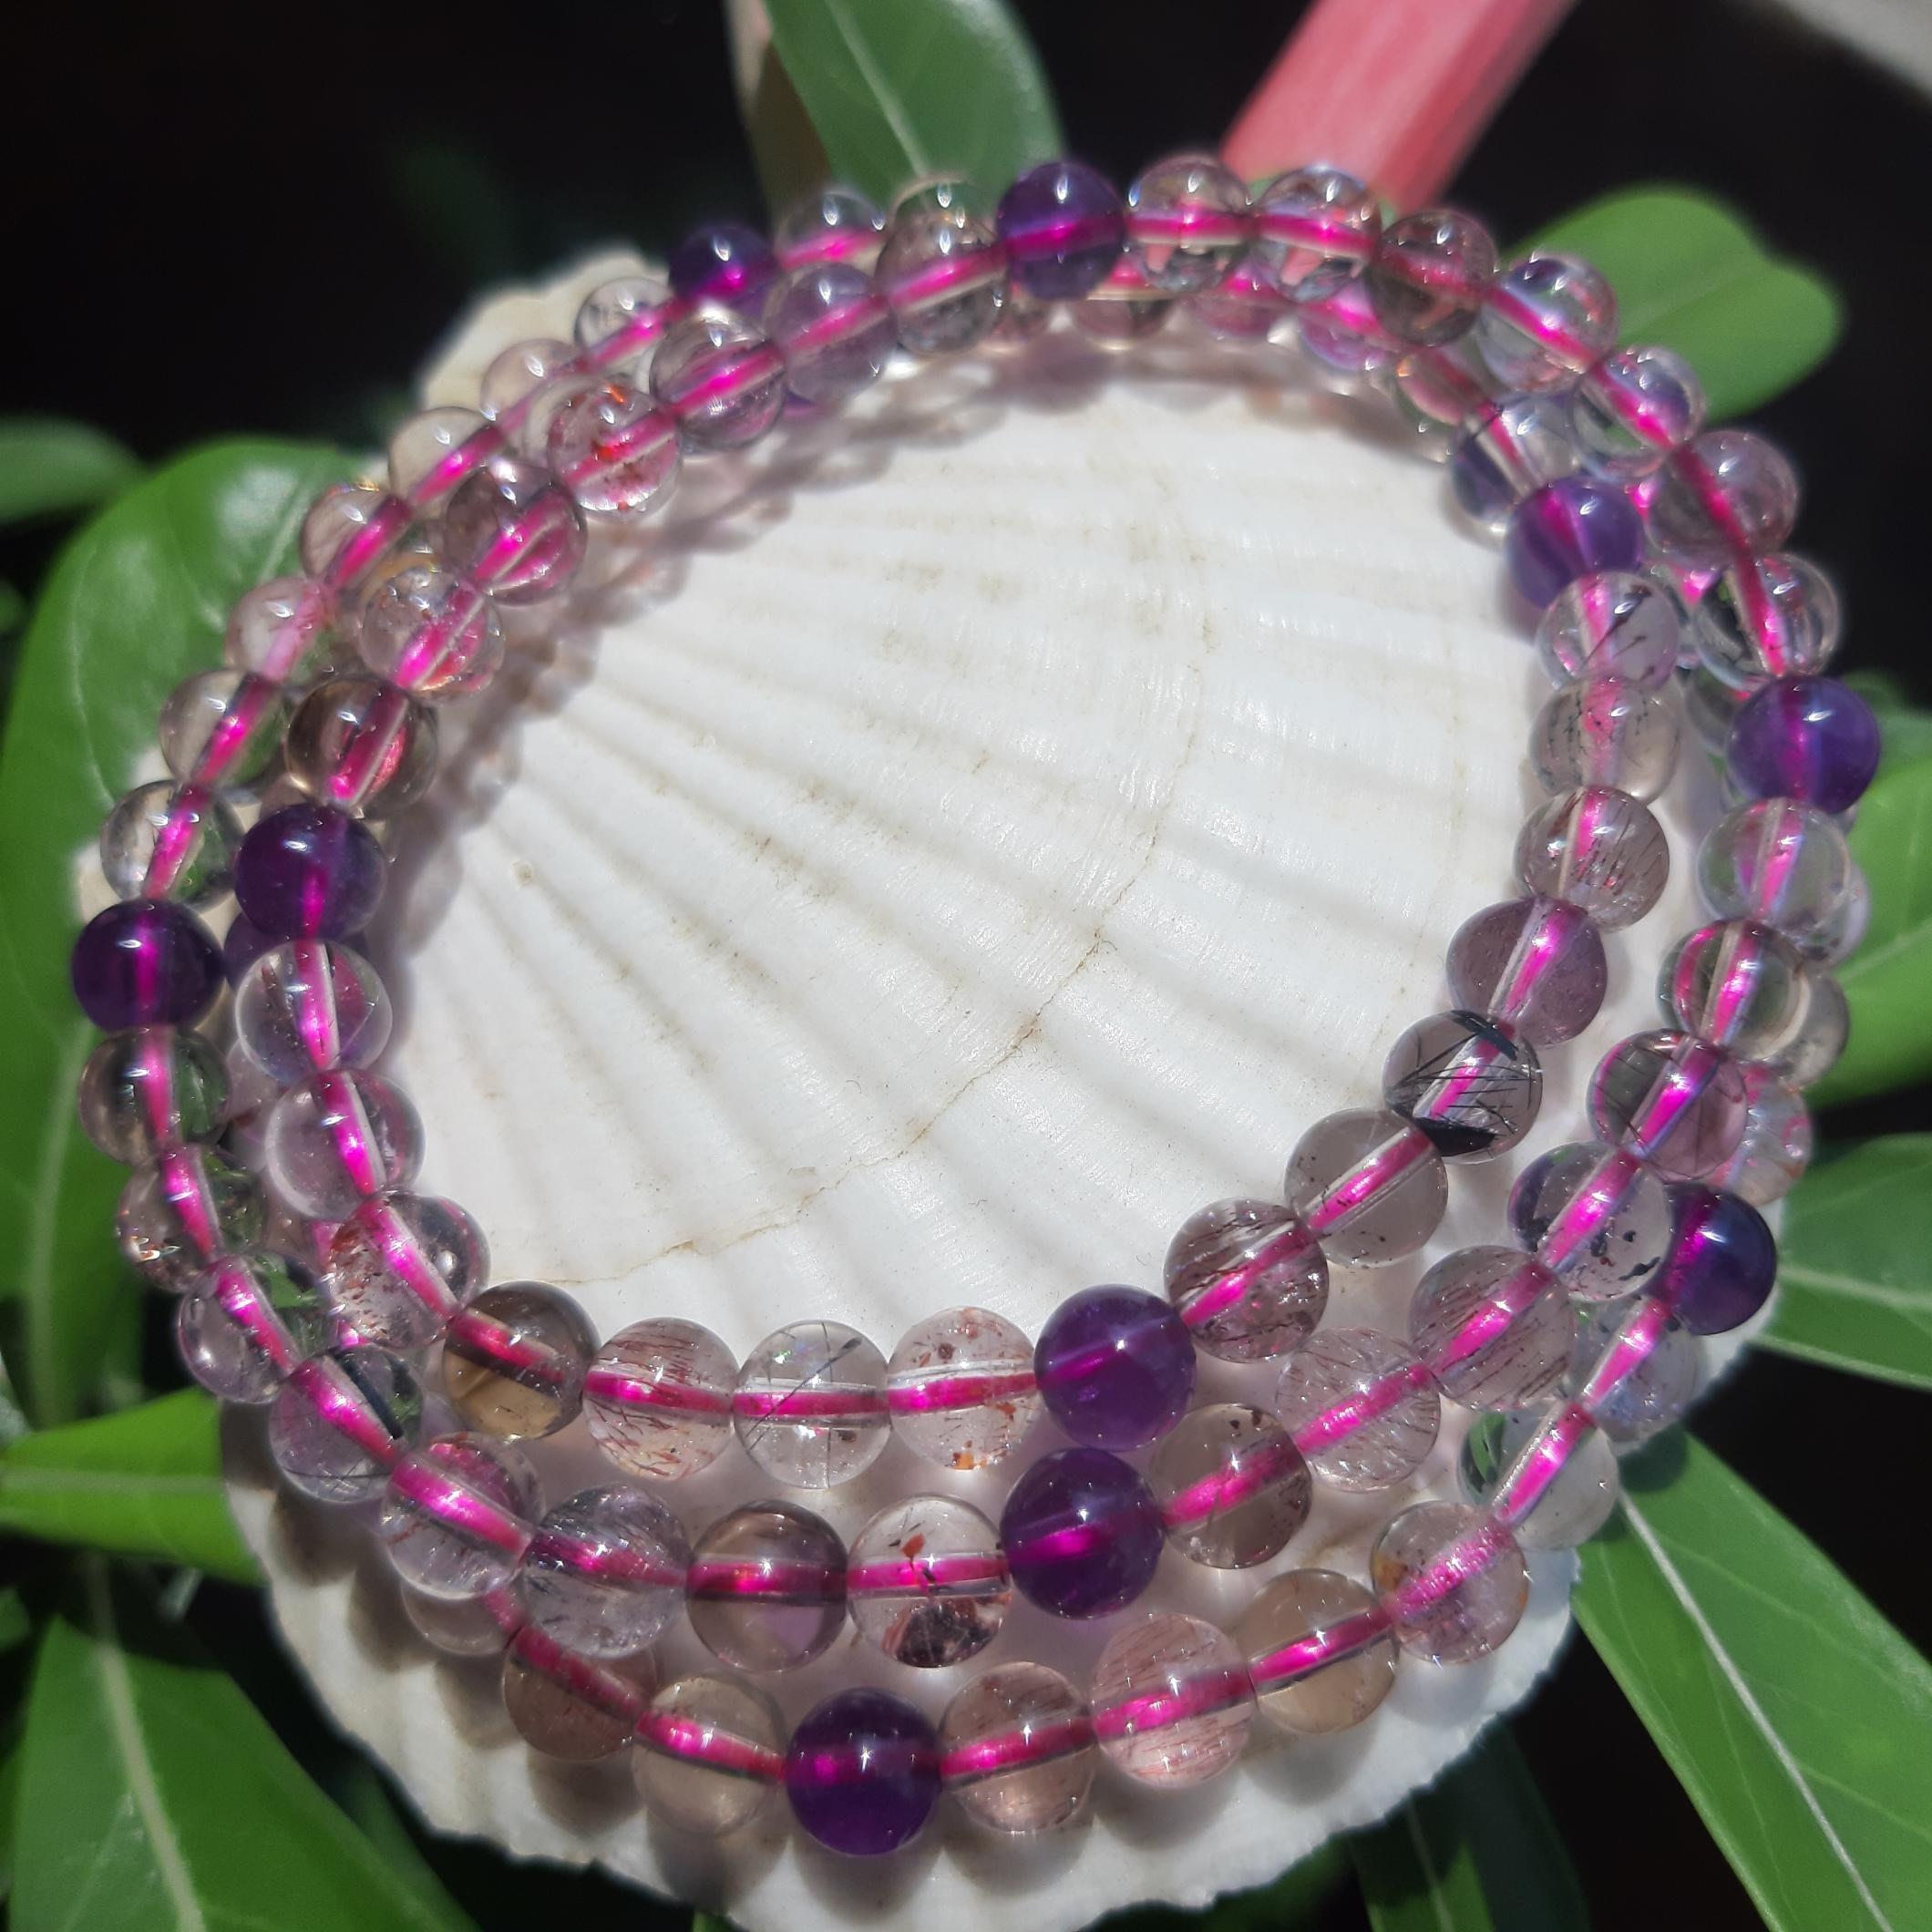 [集圓水晶]頂級100%天然三輪紫超七清透料繞三圈圓珠手鍊重24g